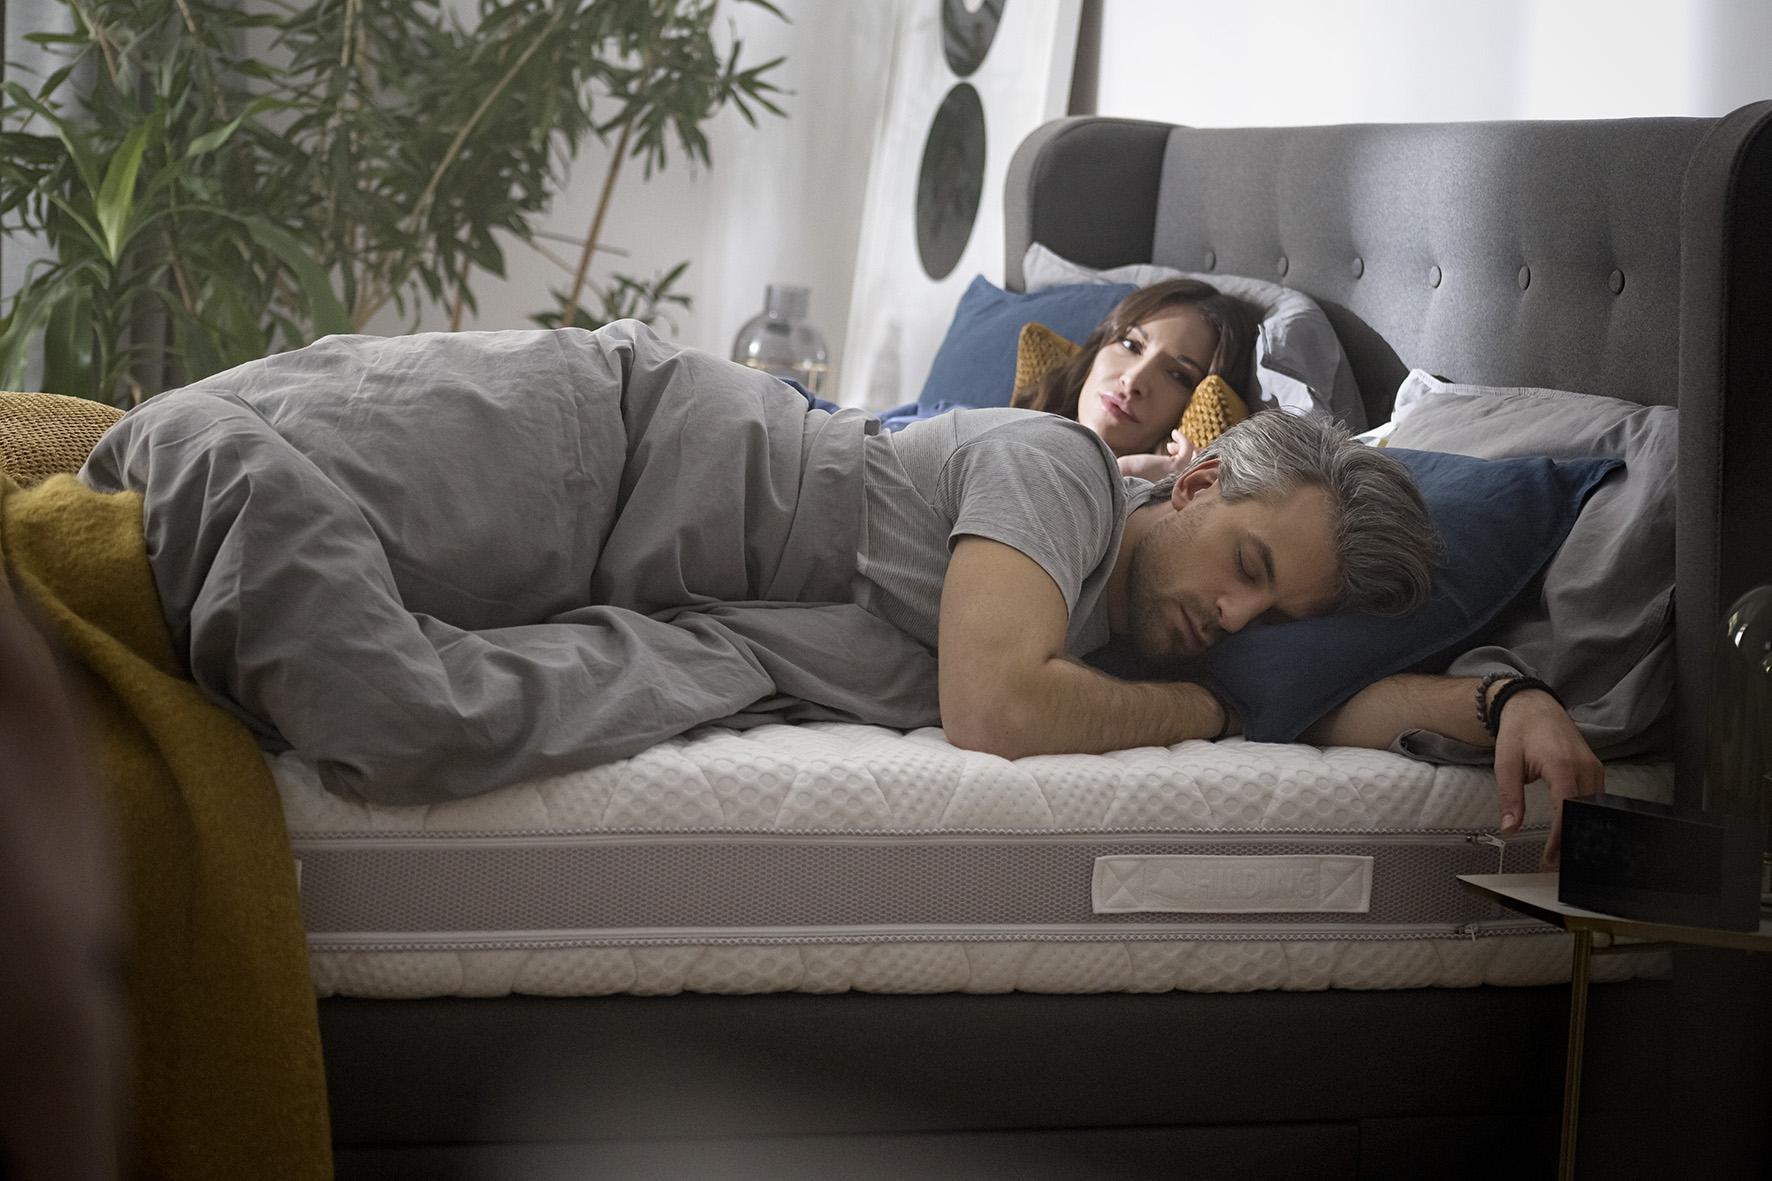 Aranżacja sypialni z Hilding Anders - lider produkcji i materacy w Polsce radzi jak urządzić sypialnię